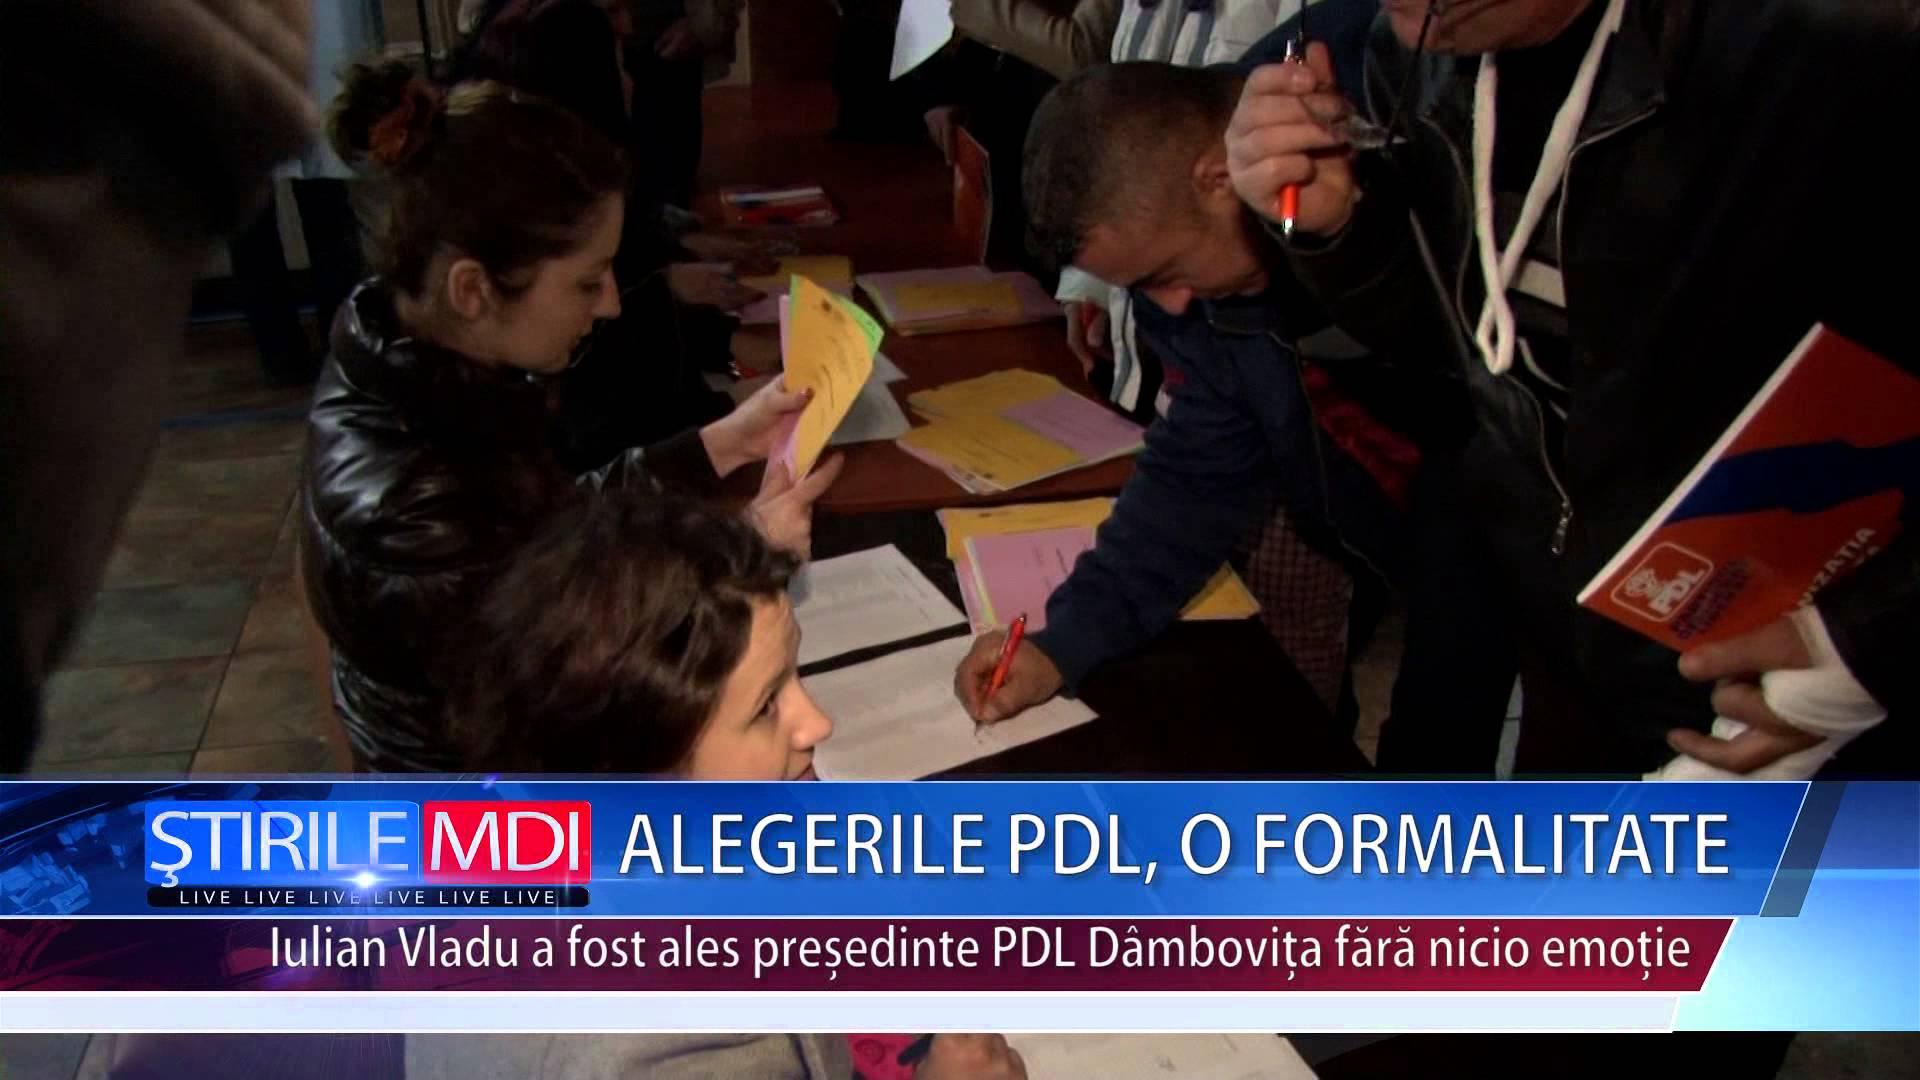 ALEGERILE PDL, O FORMALITATE